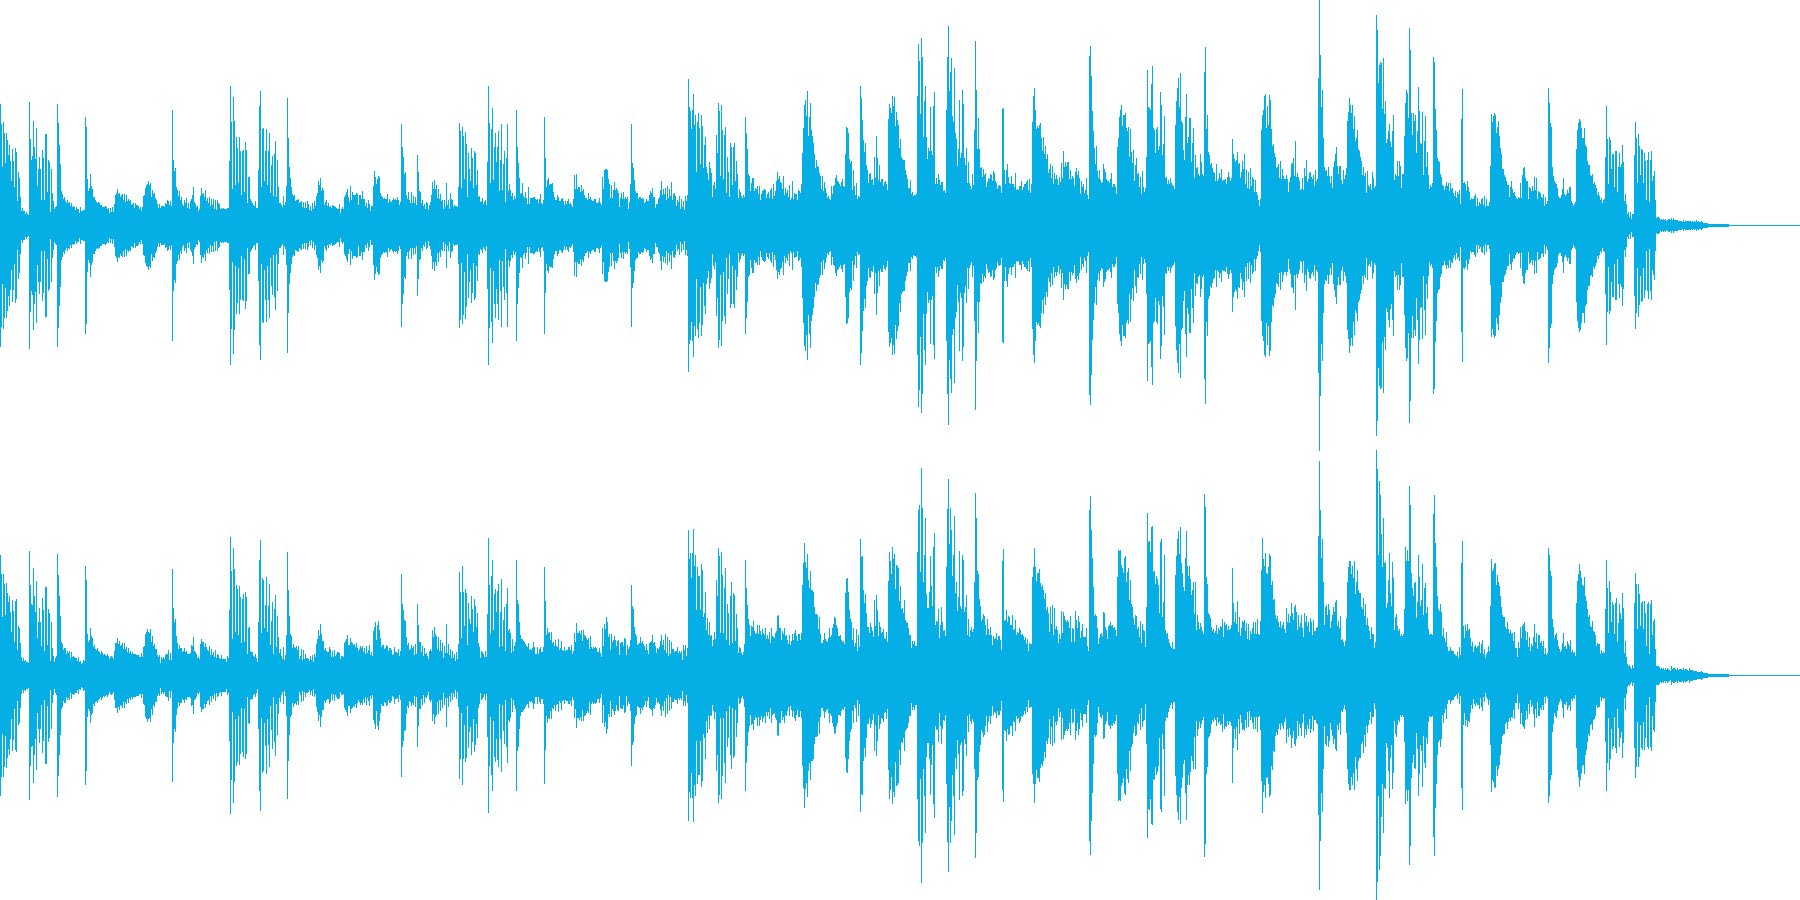 ほのぼのとしたイントロBGMの再生済みの波形